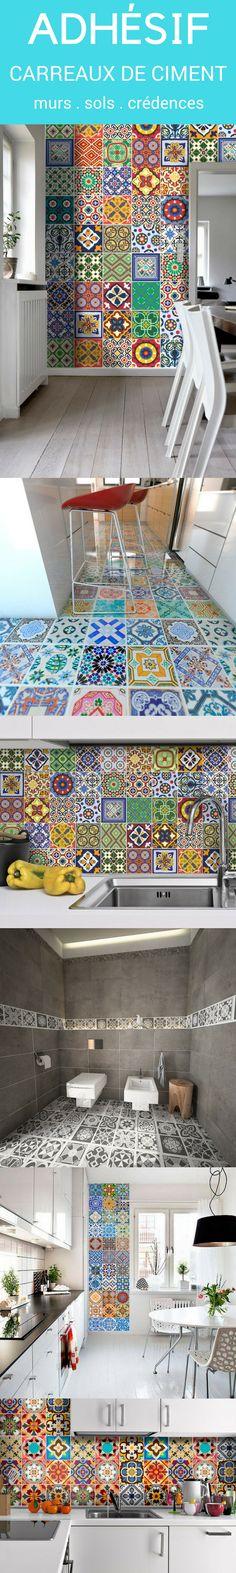 Adhésif carreaux de ciment pour la cuisine, la salle de bains, les escaliers. Pour des surfaces comme le sol, les murs, les crédences, les contremarches,...